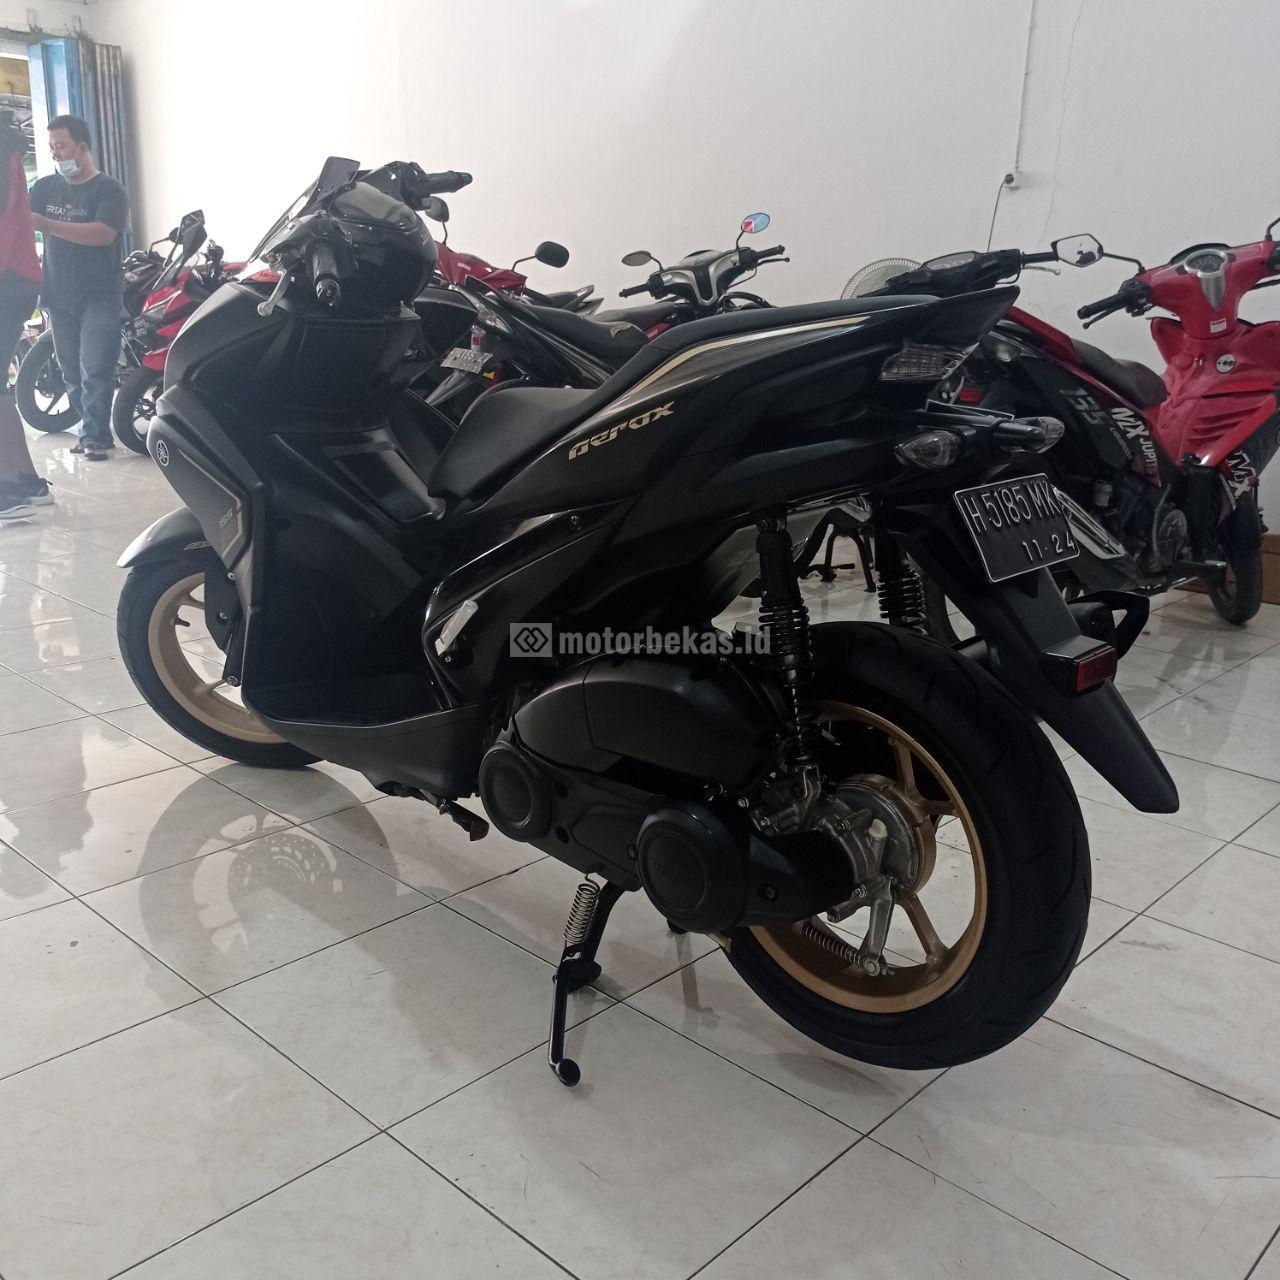 YAMAHA AEROX 155 ABS 782 motorbekas.id